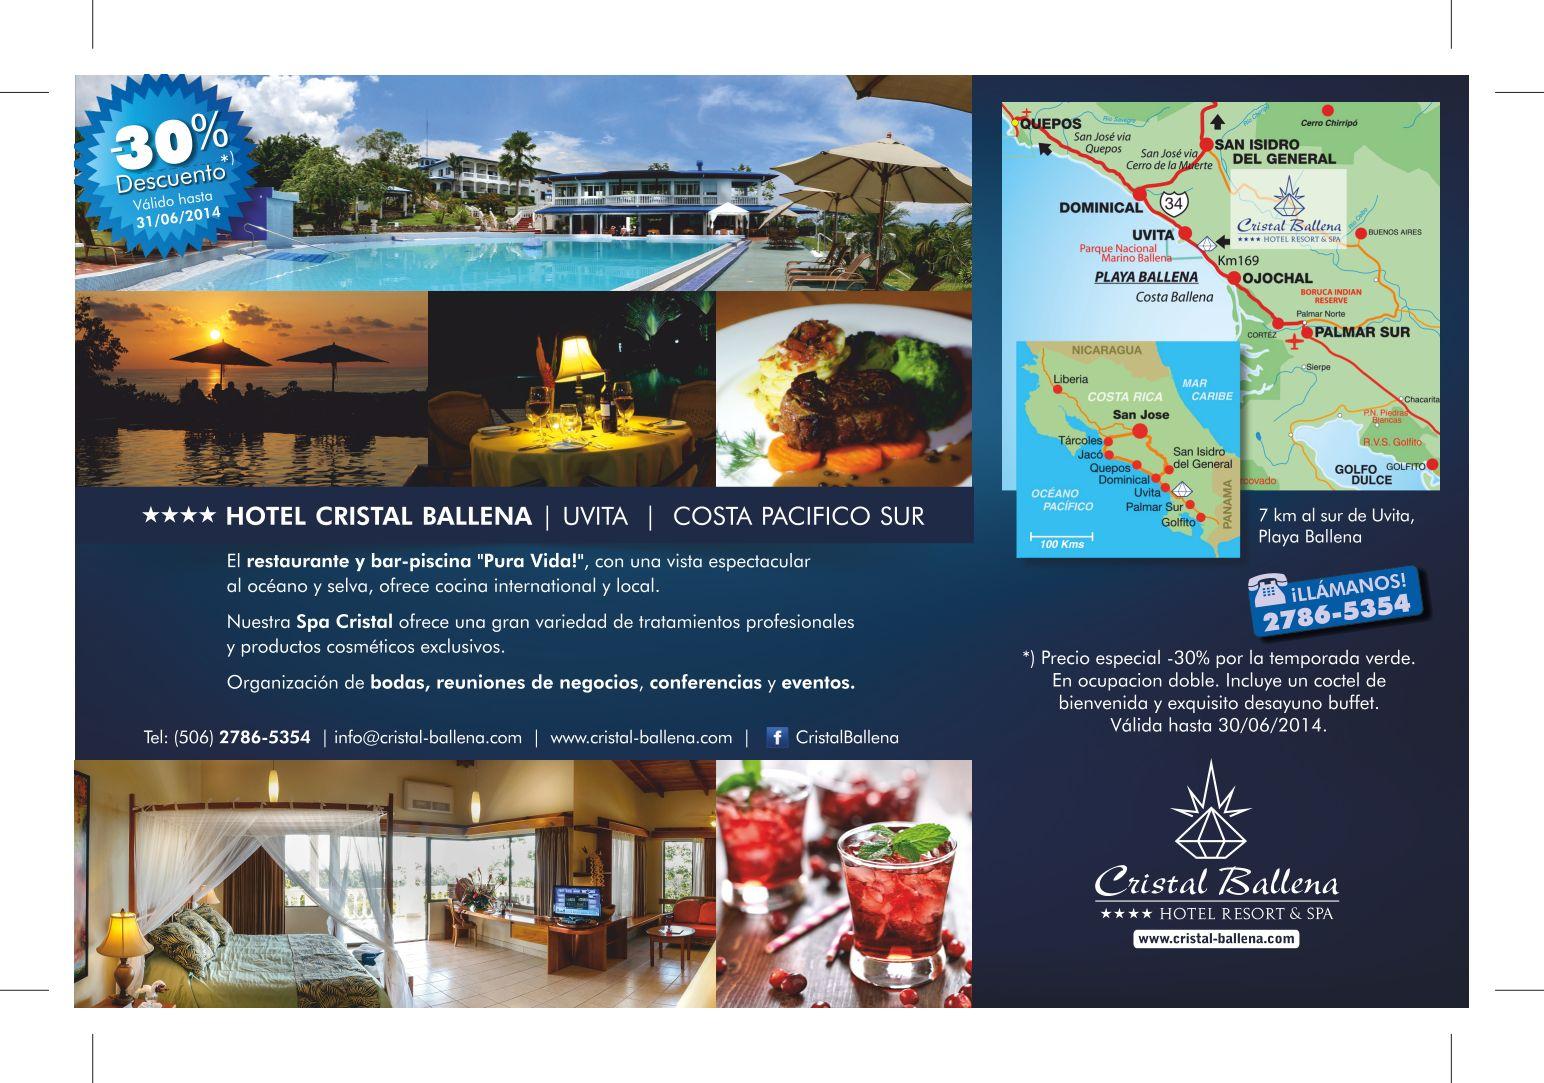 Descuento 30% Cristal Ballena Resort